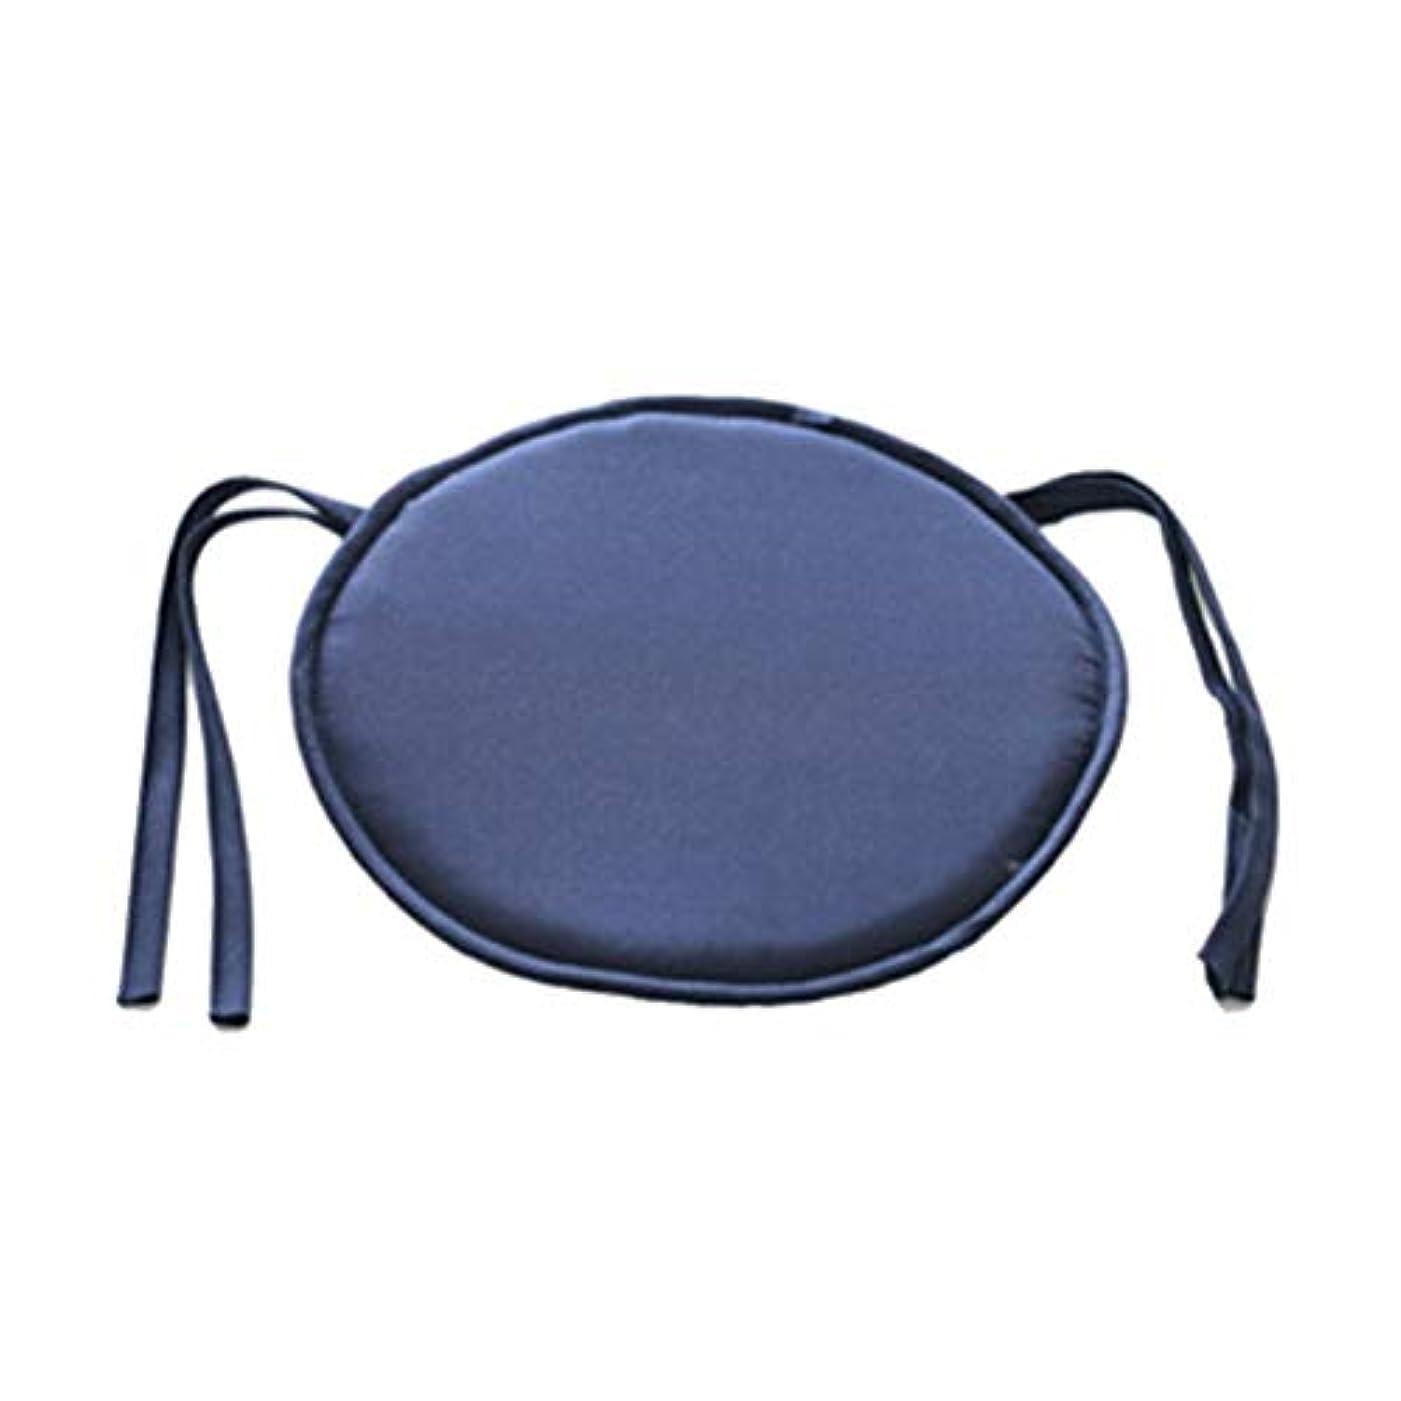 ミュウミュウ鷹後ろ、背後、背面(部SMART ホット販売ラウンドチェアクッション屋内ポップパティオオフィスチェアシートパッドネクタイスクエアガーデンキッチンダイニングクッション クッション 椅子